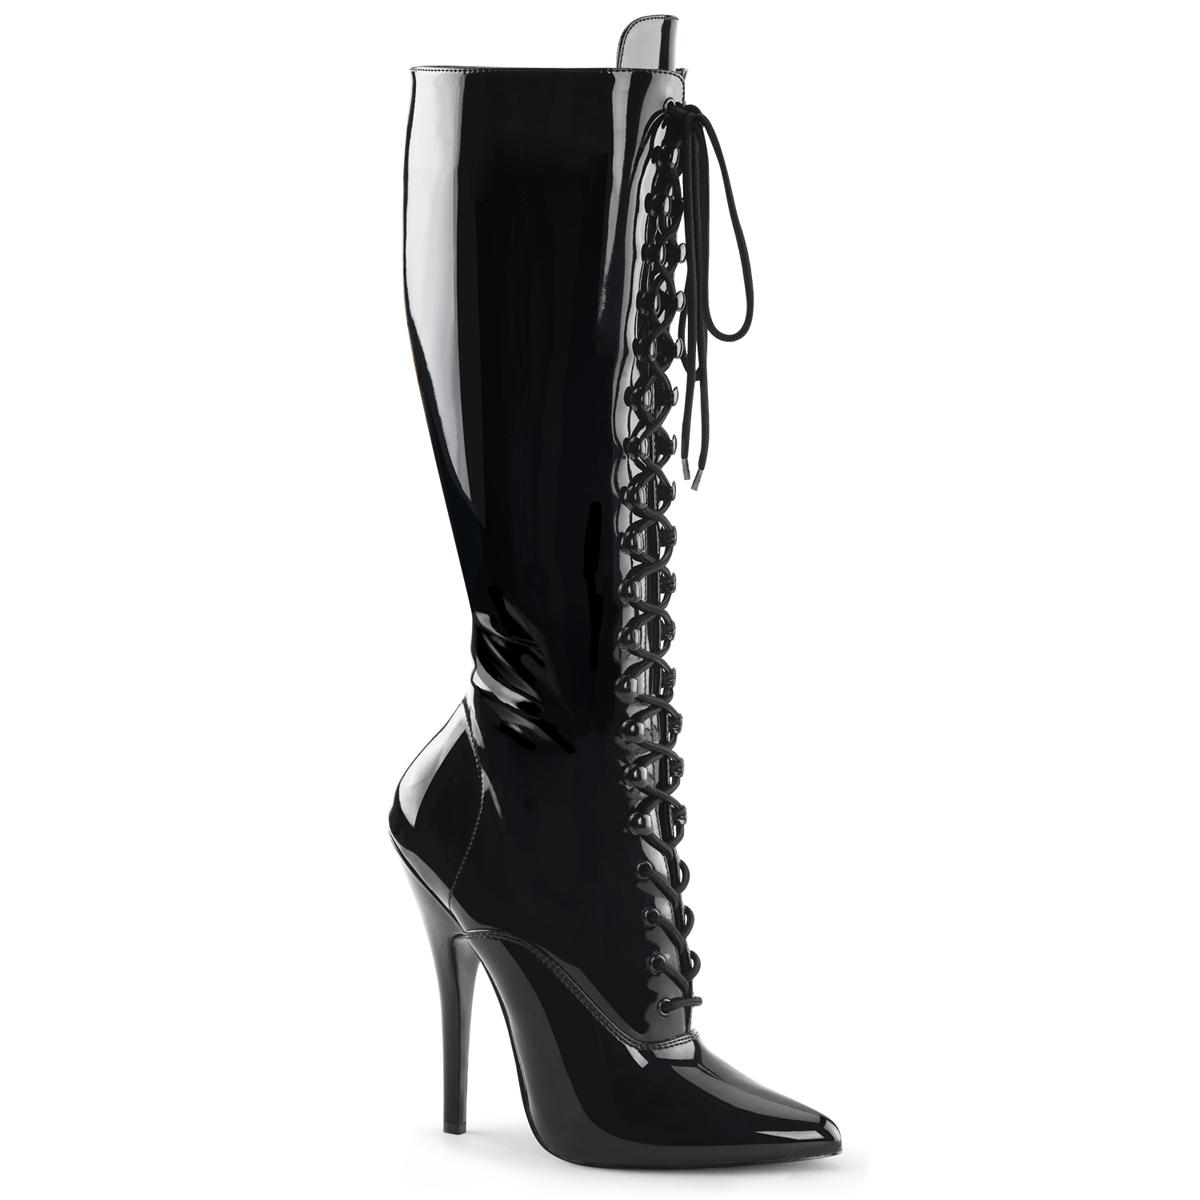 extrem high heels domina 2020 lack schwarz pleaser. Black Bedroom Furniture Sets. Home Design Ideas